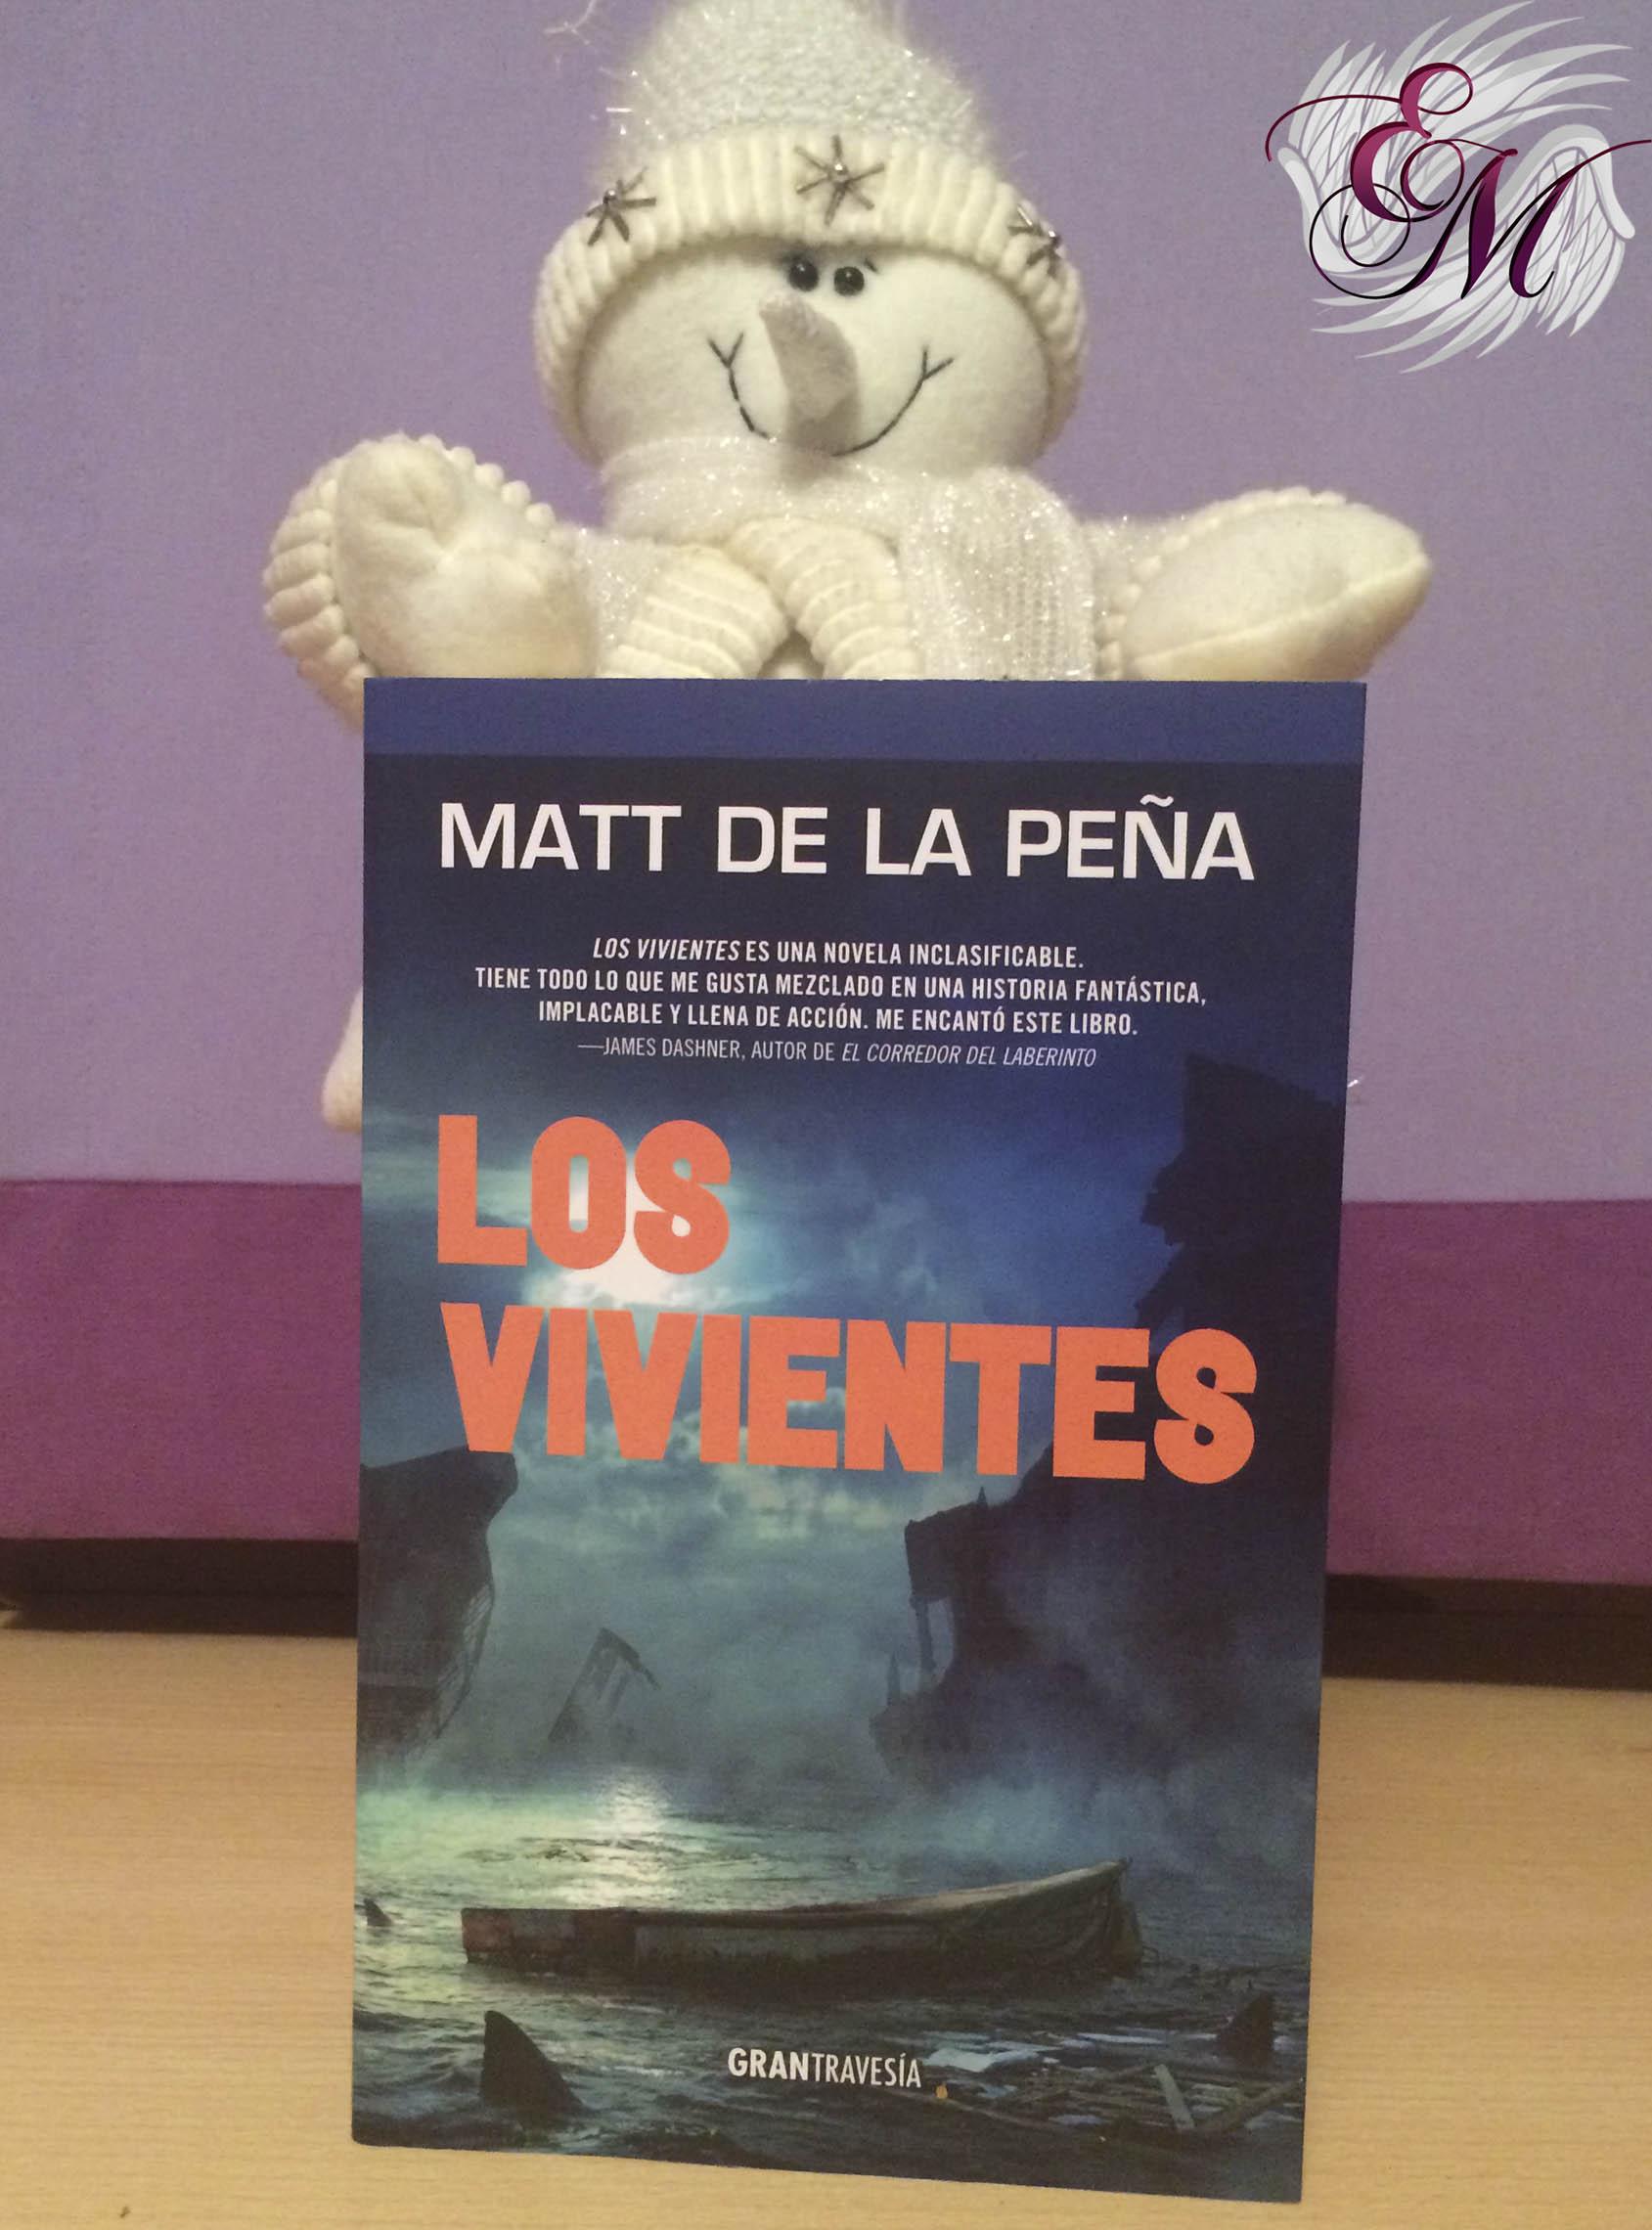 Los vivientes, de Matt de la Peña - Reseña